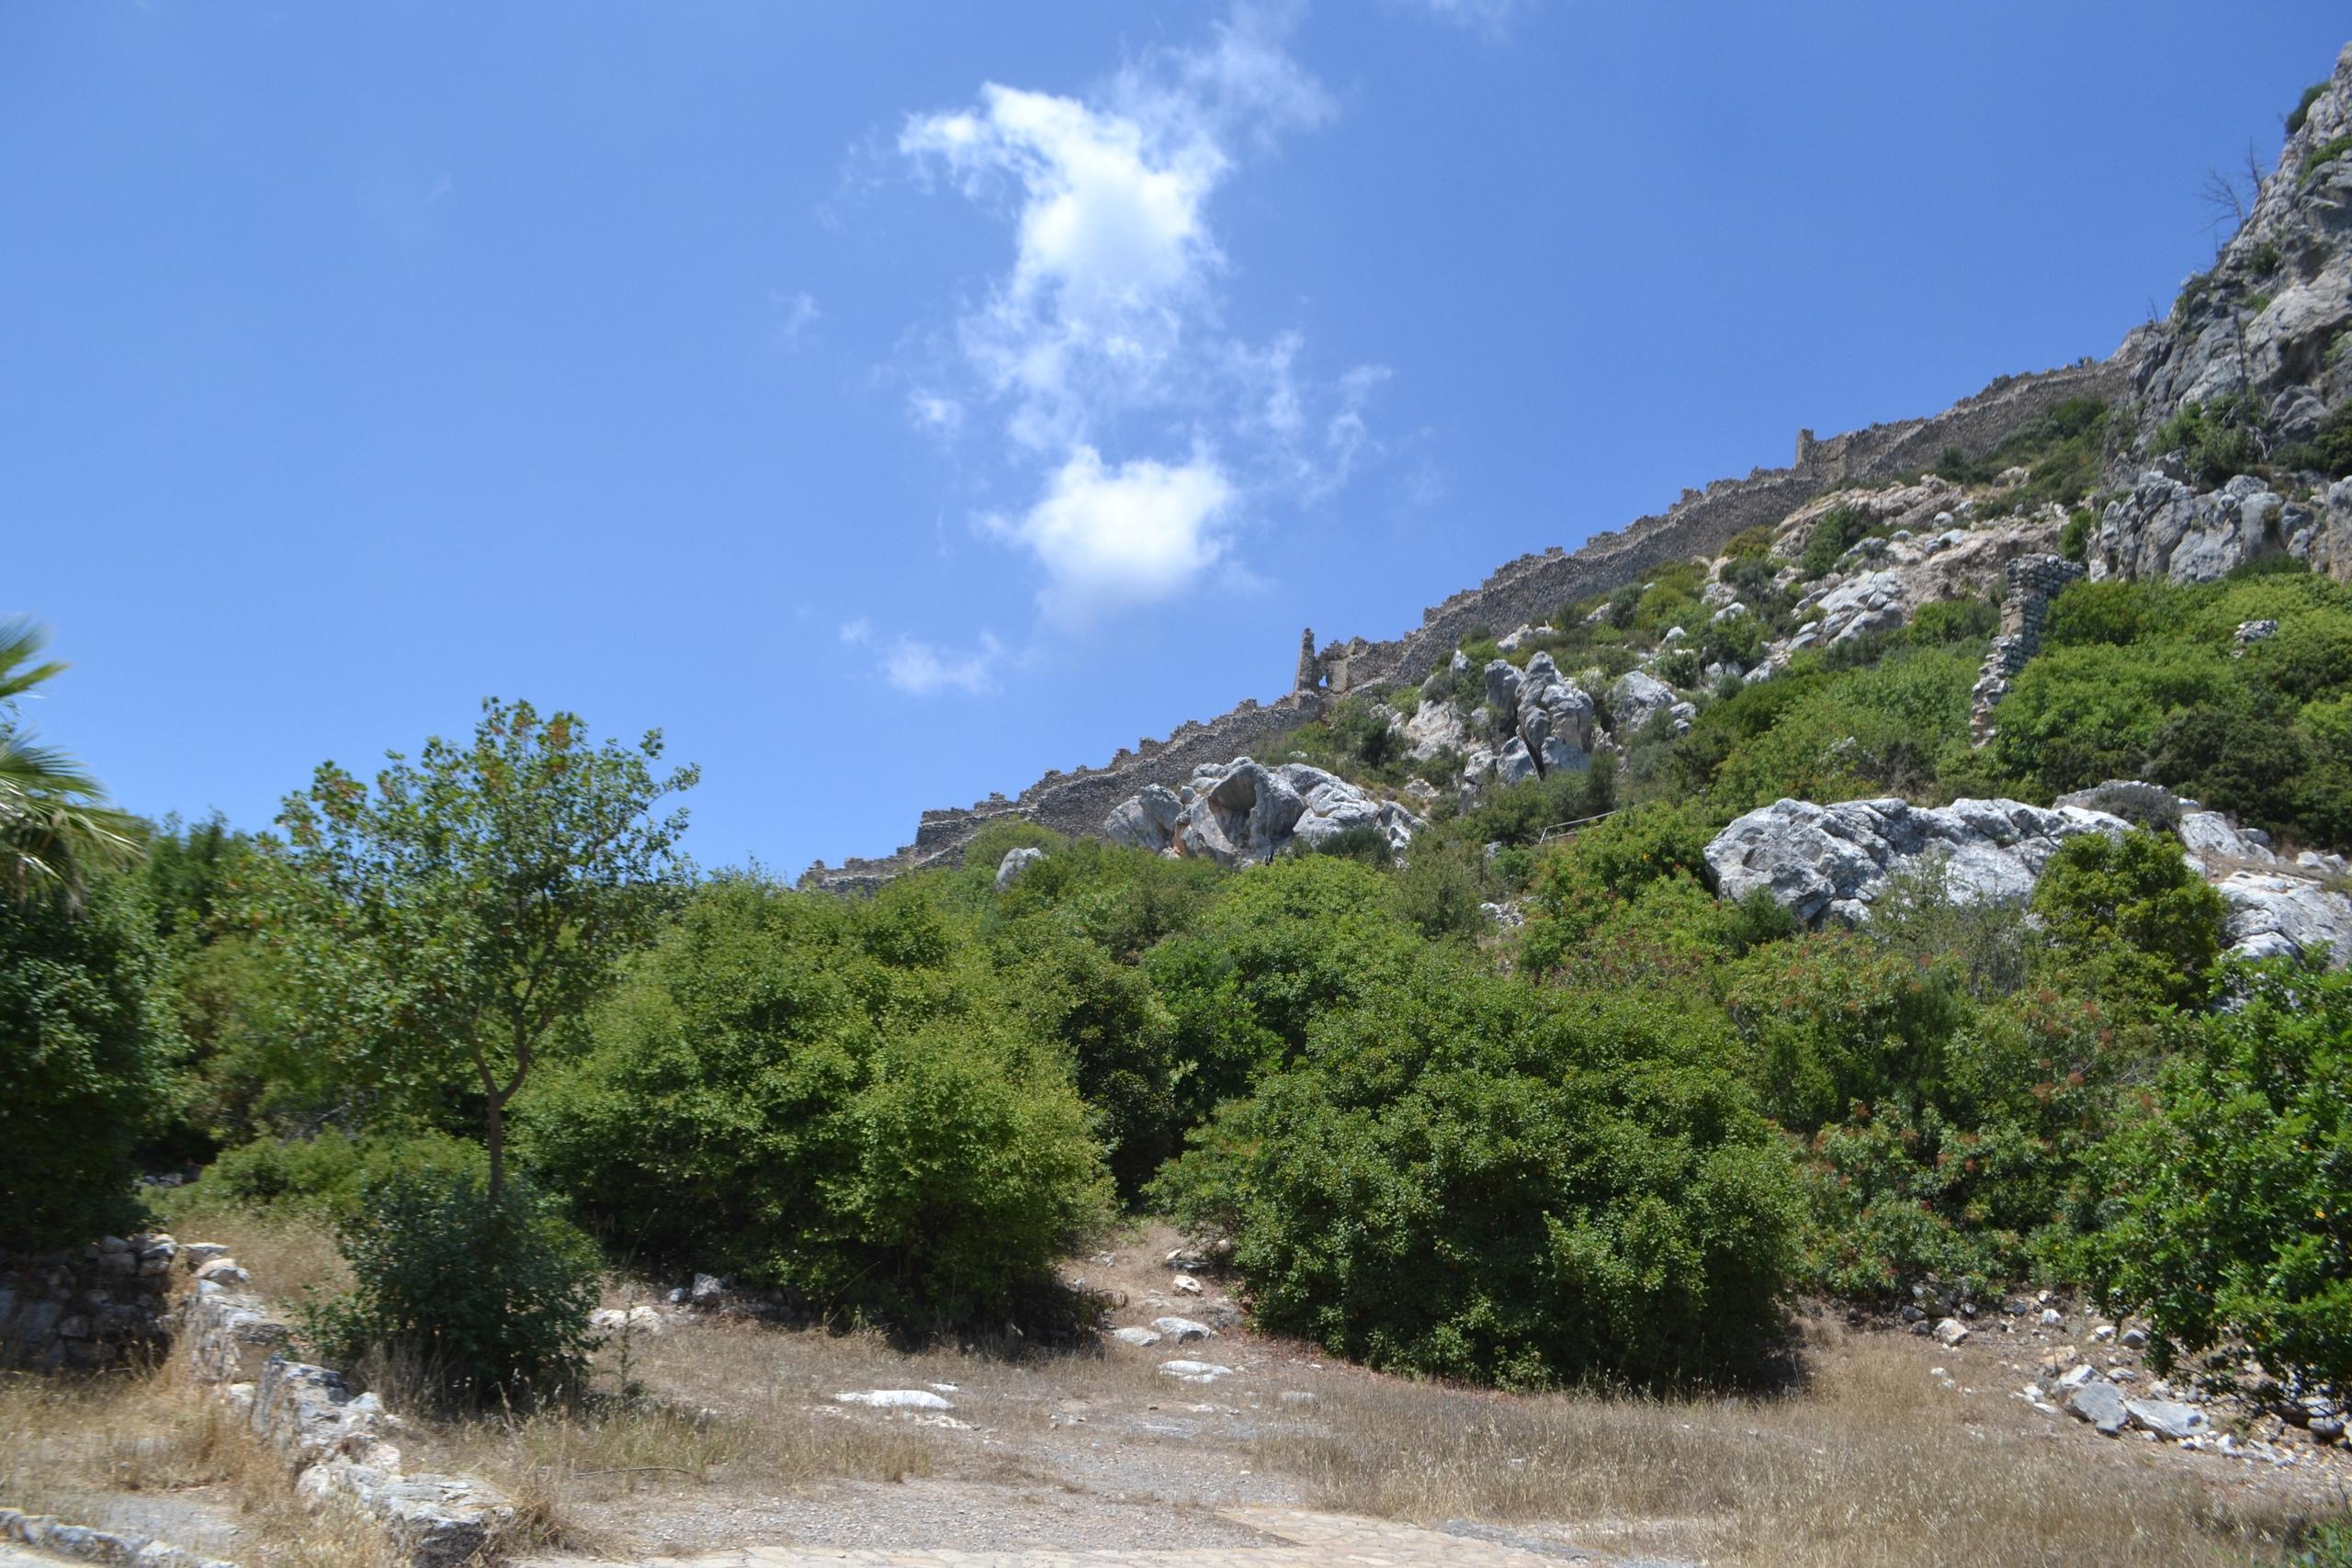 Северный Кипр. Замок Святого Иллариона. (фото). YIu347JZeT0